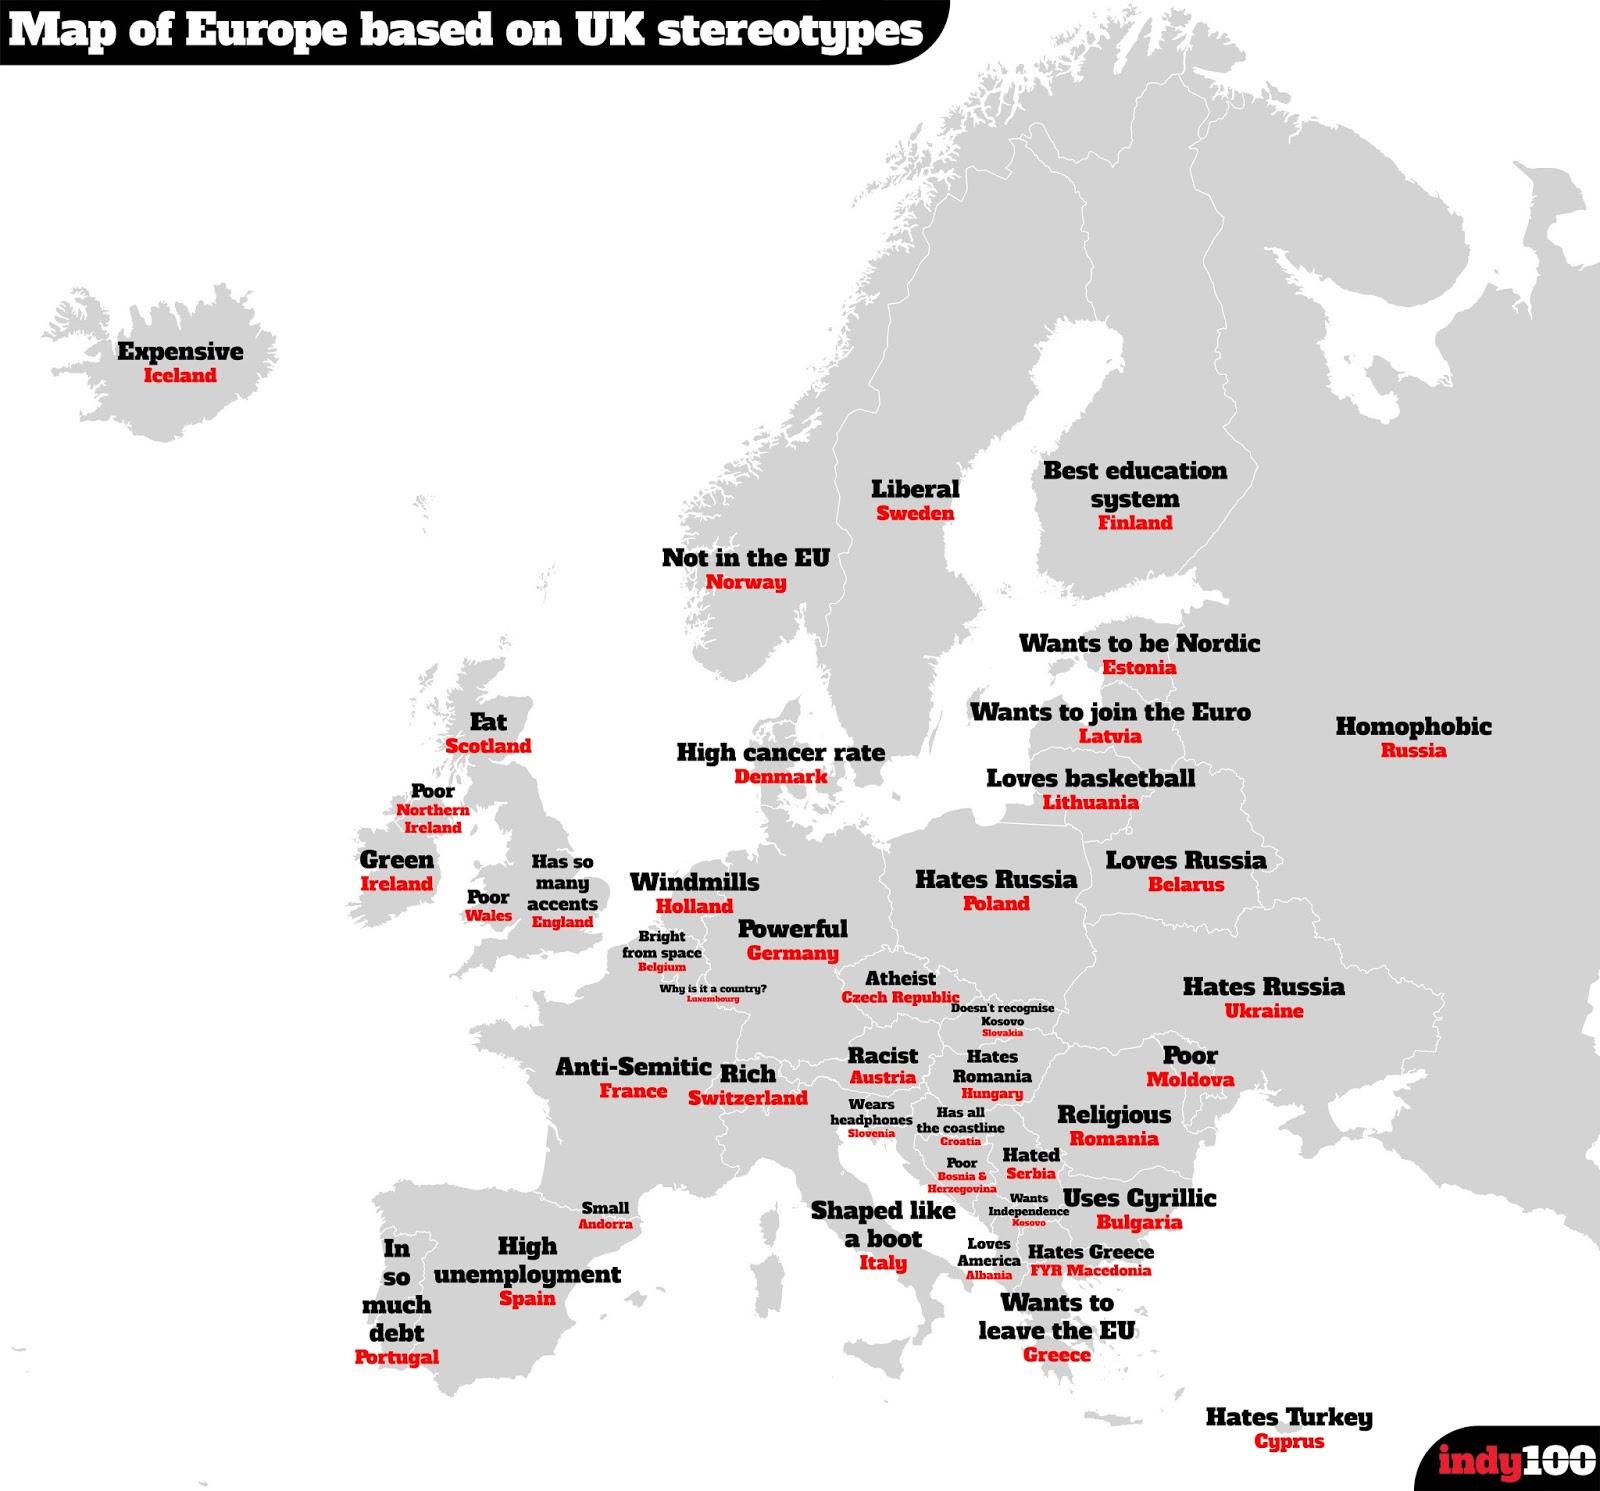 Brexit ed oltre la mappa degli stereotipi britannici sull - Mappa di ungheria ed europa ...